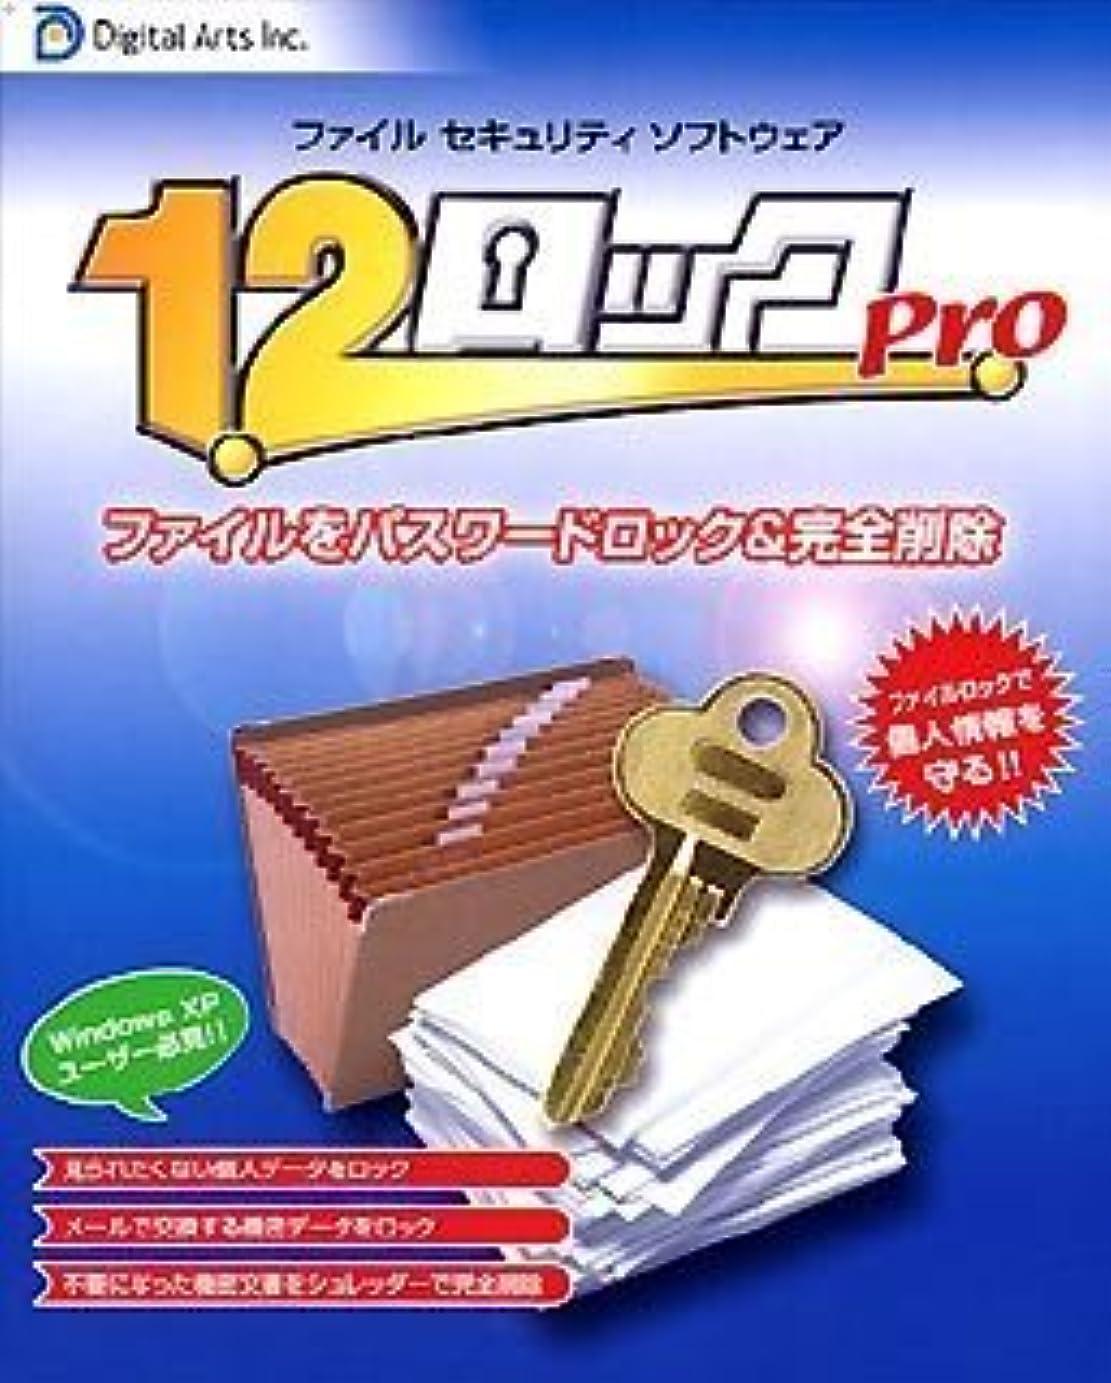 安息シャープレバー1.2.ロック Pro